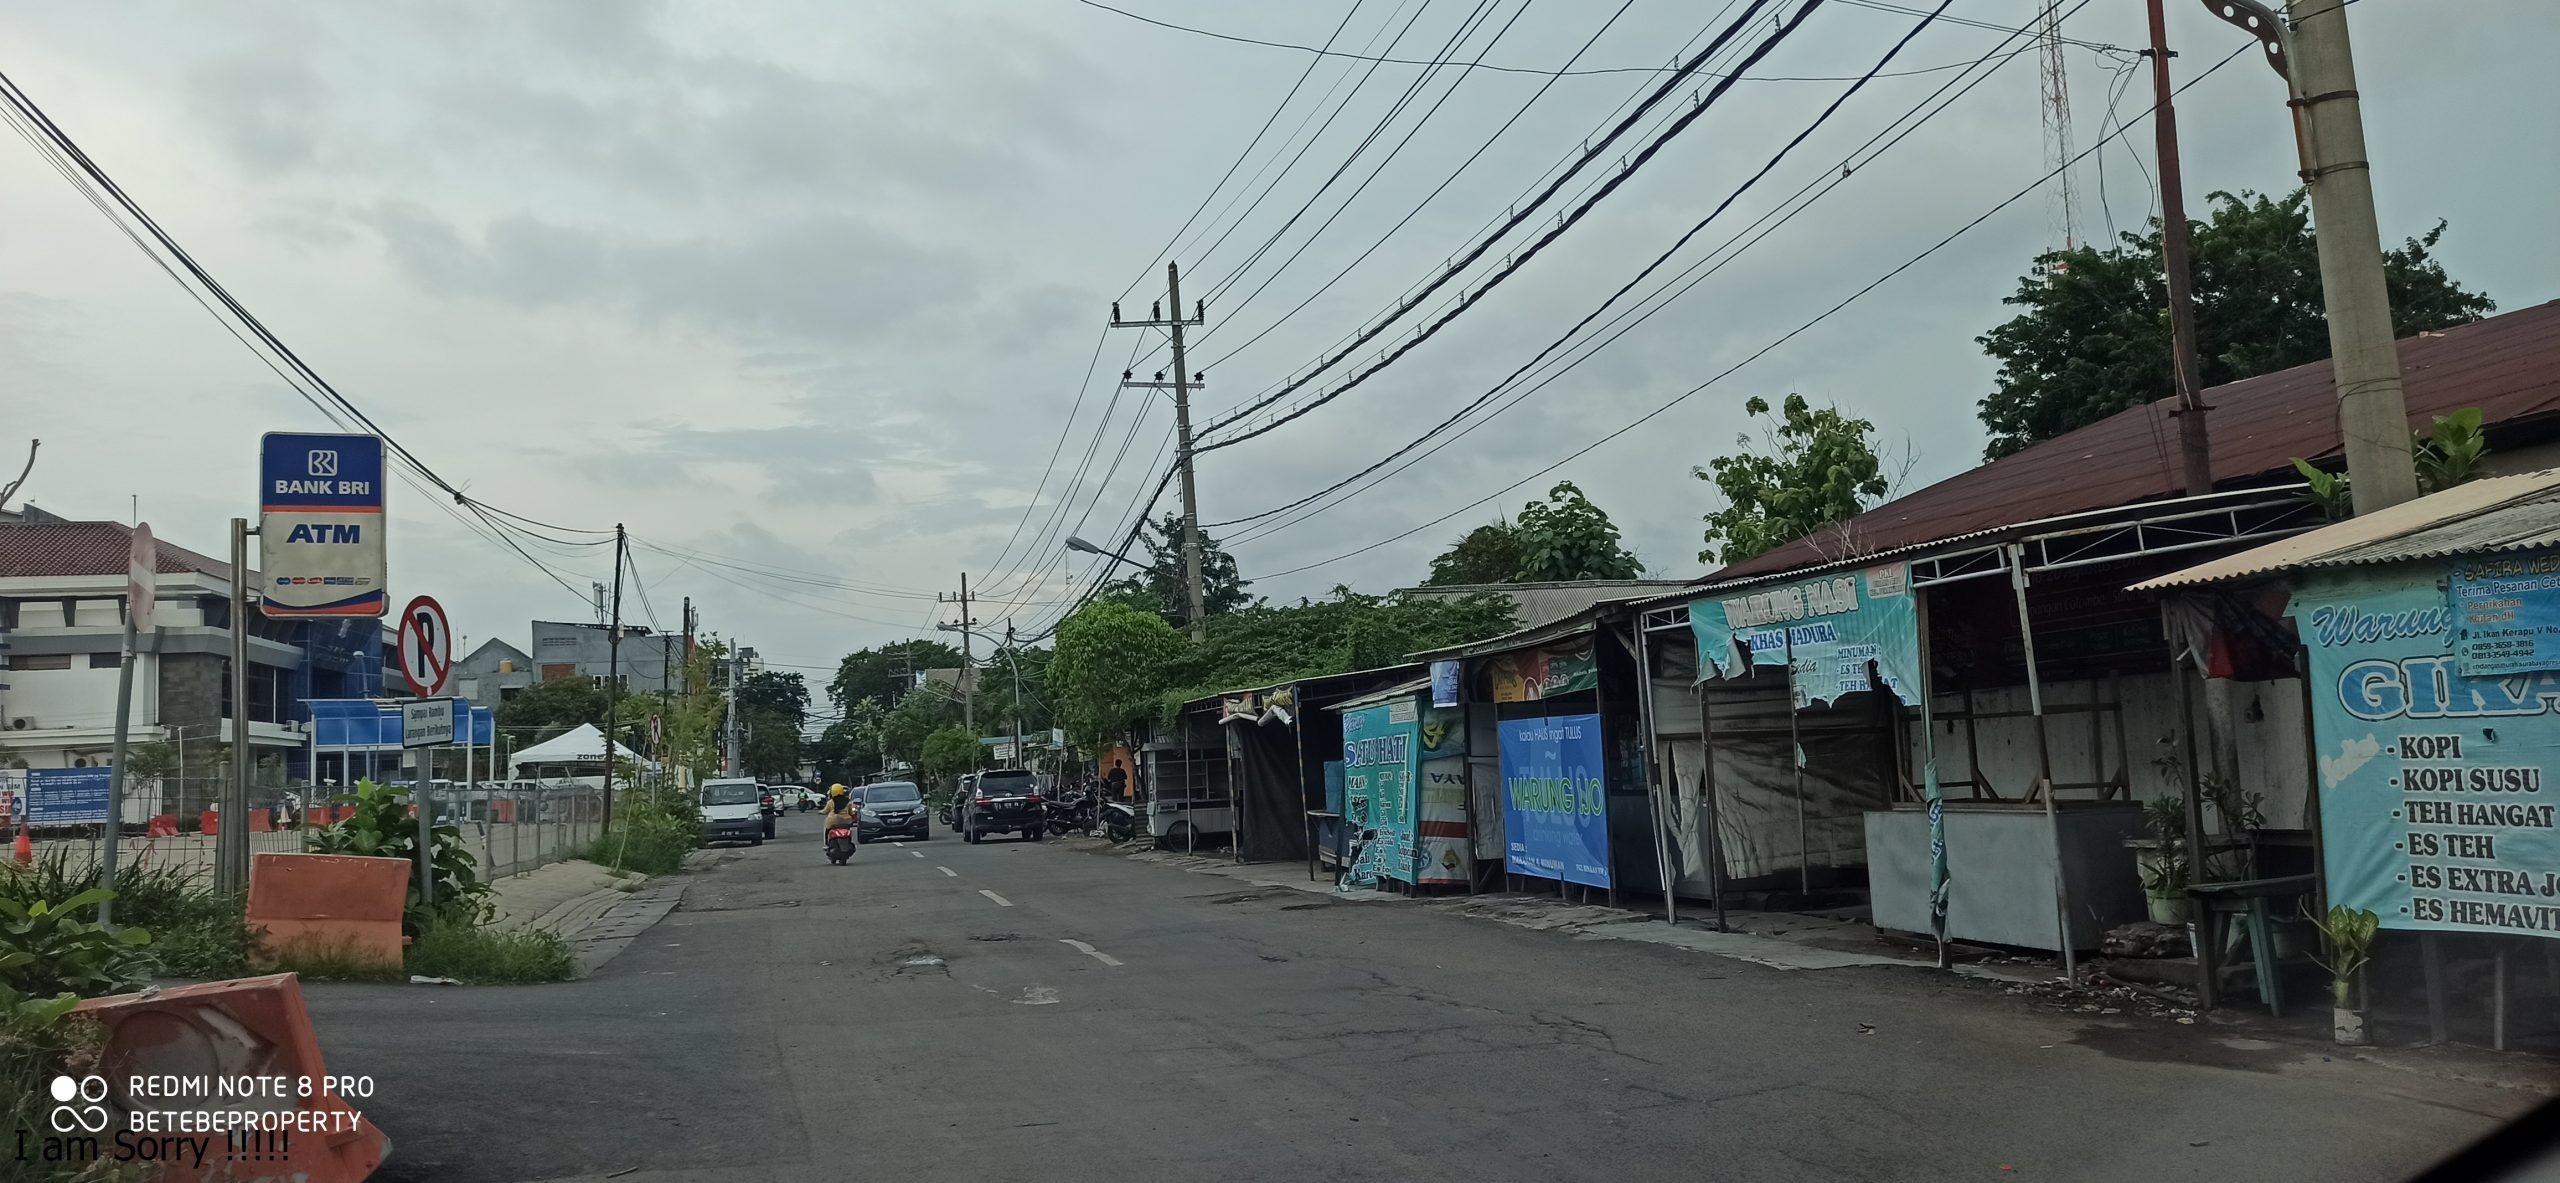 Dijual Tanah di Jalan Colombo Perak - Surabaya